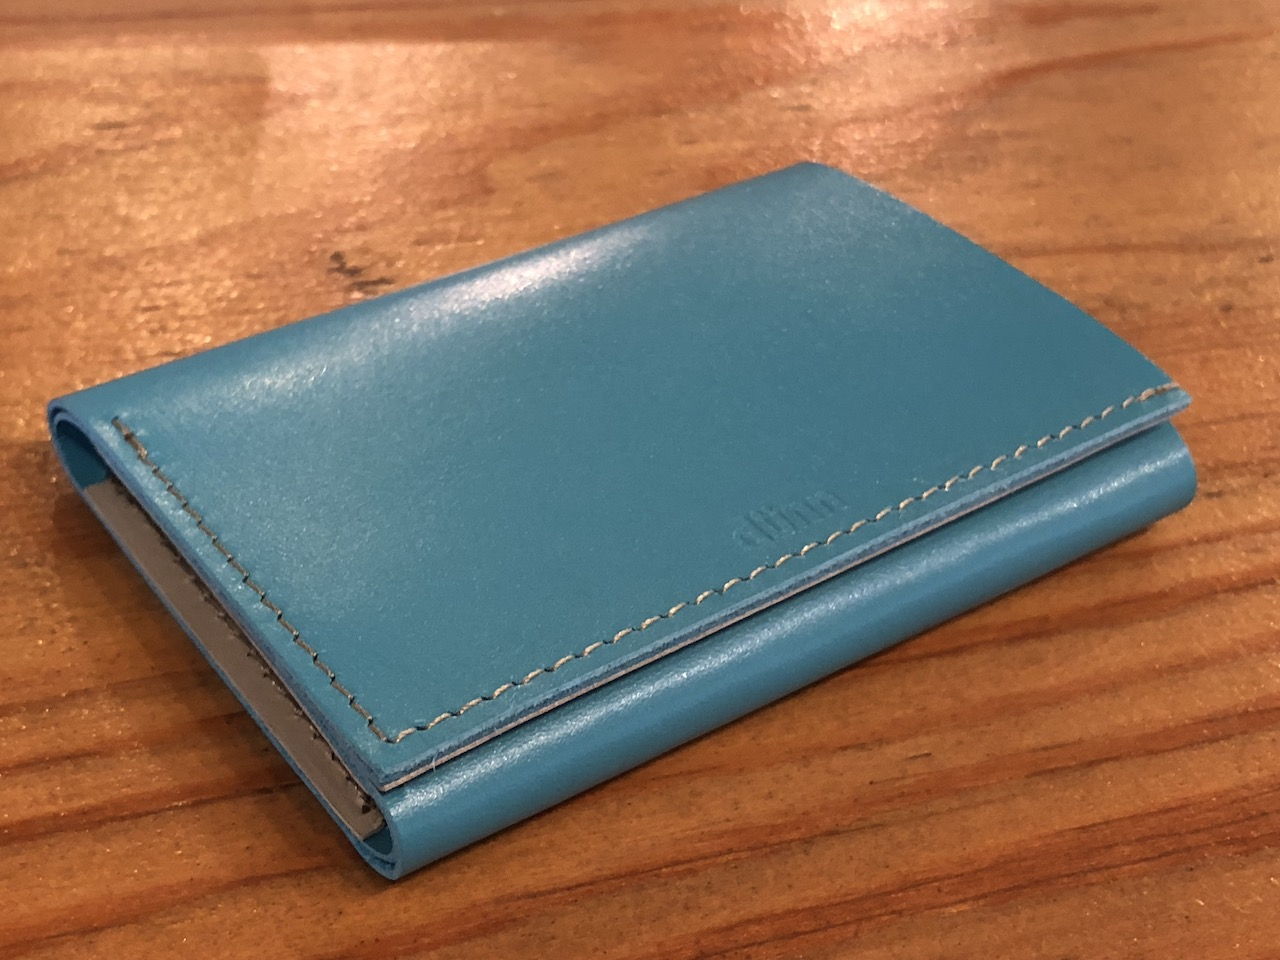 薄い財布を探し求めたらええのがあった!ズボンのポケットへの収まりもいい!激薄!